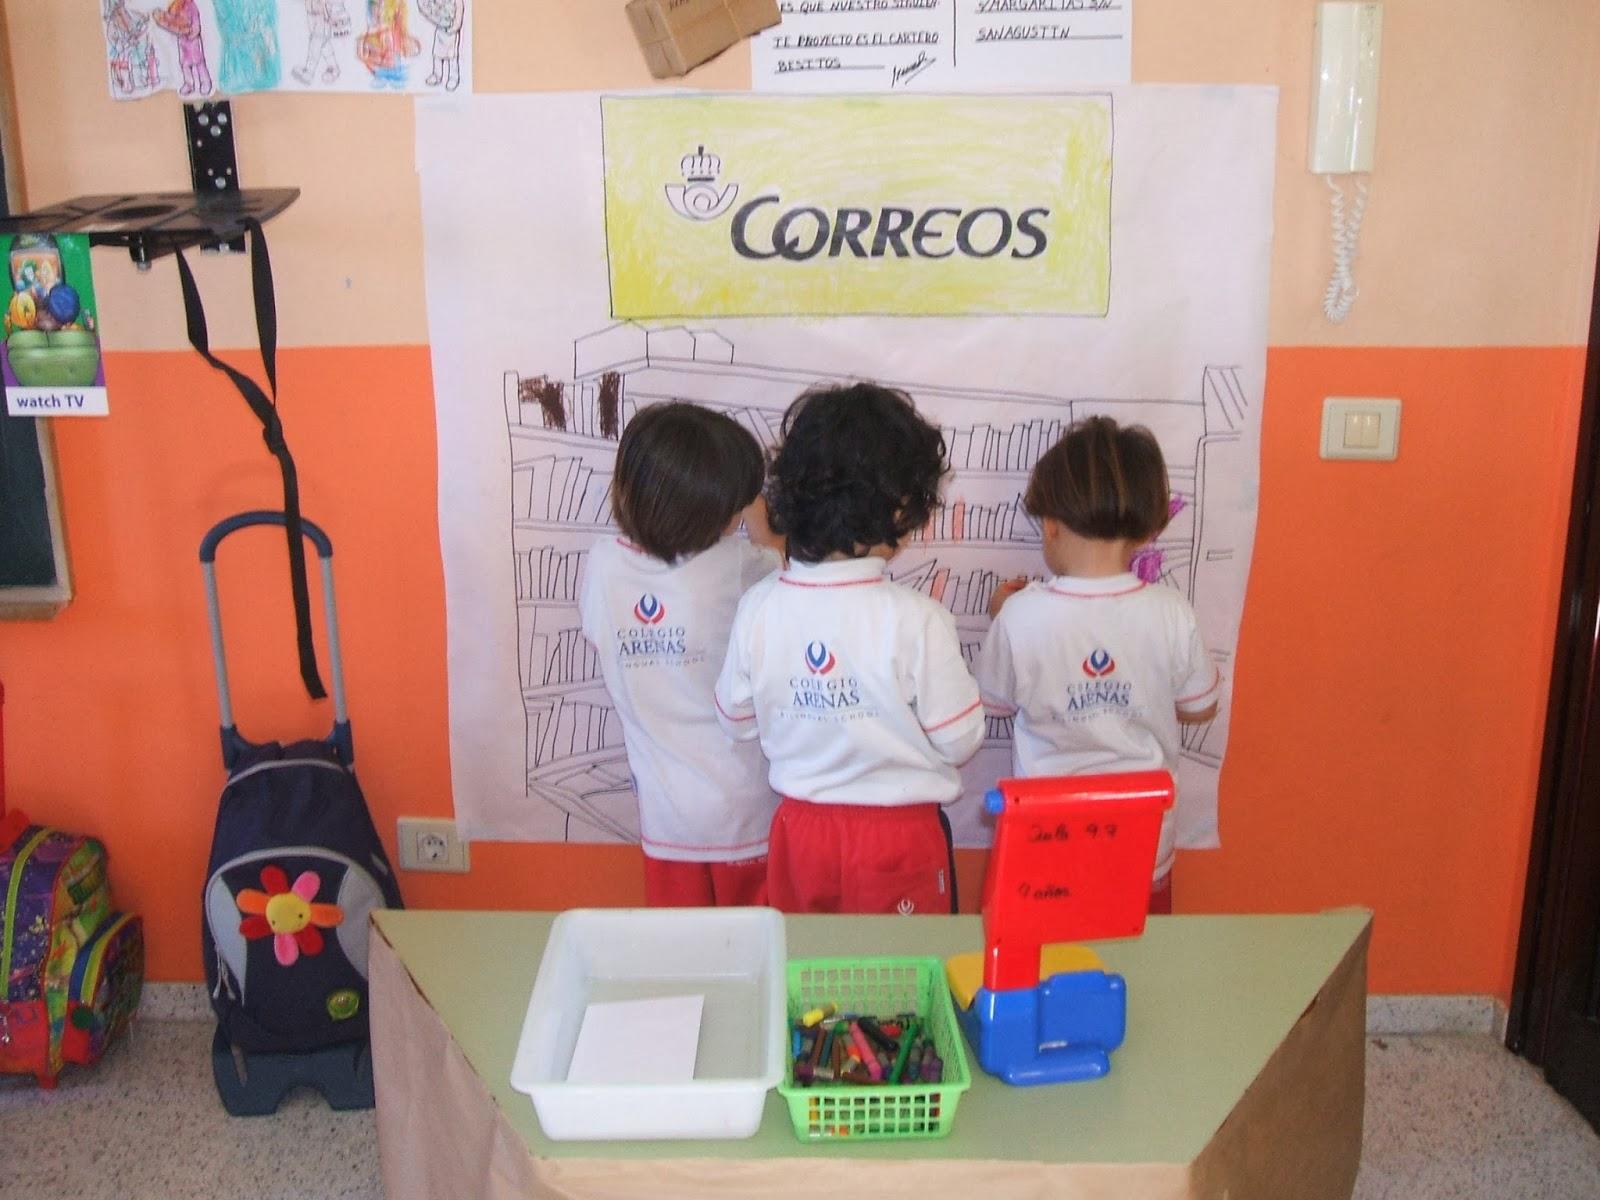 Trazos de colores proyecto el cartero infantil 3 a os for Correos es oficina virtual